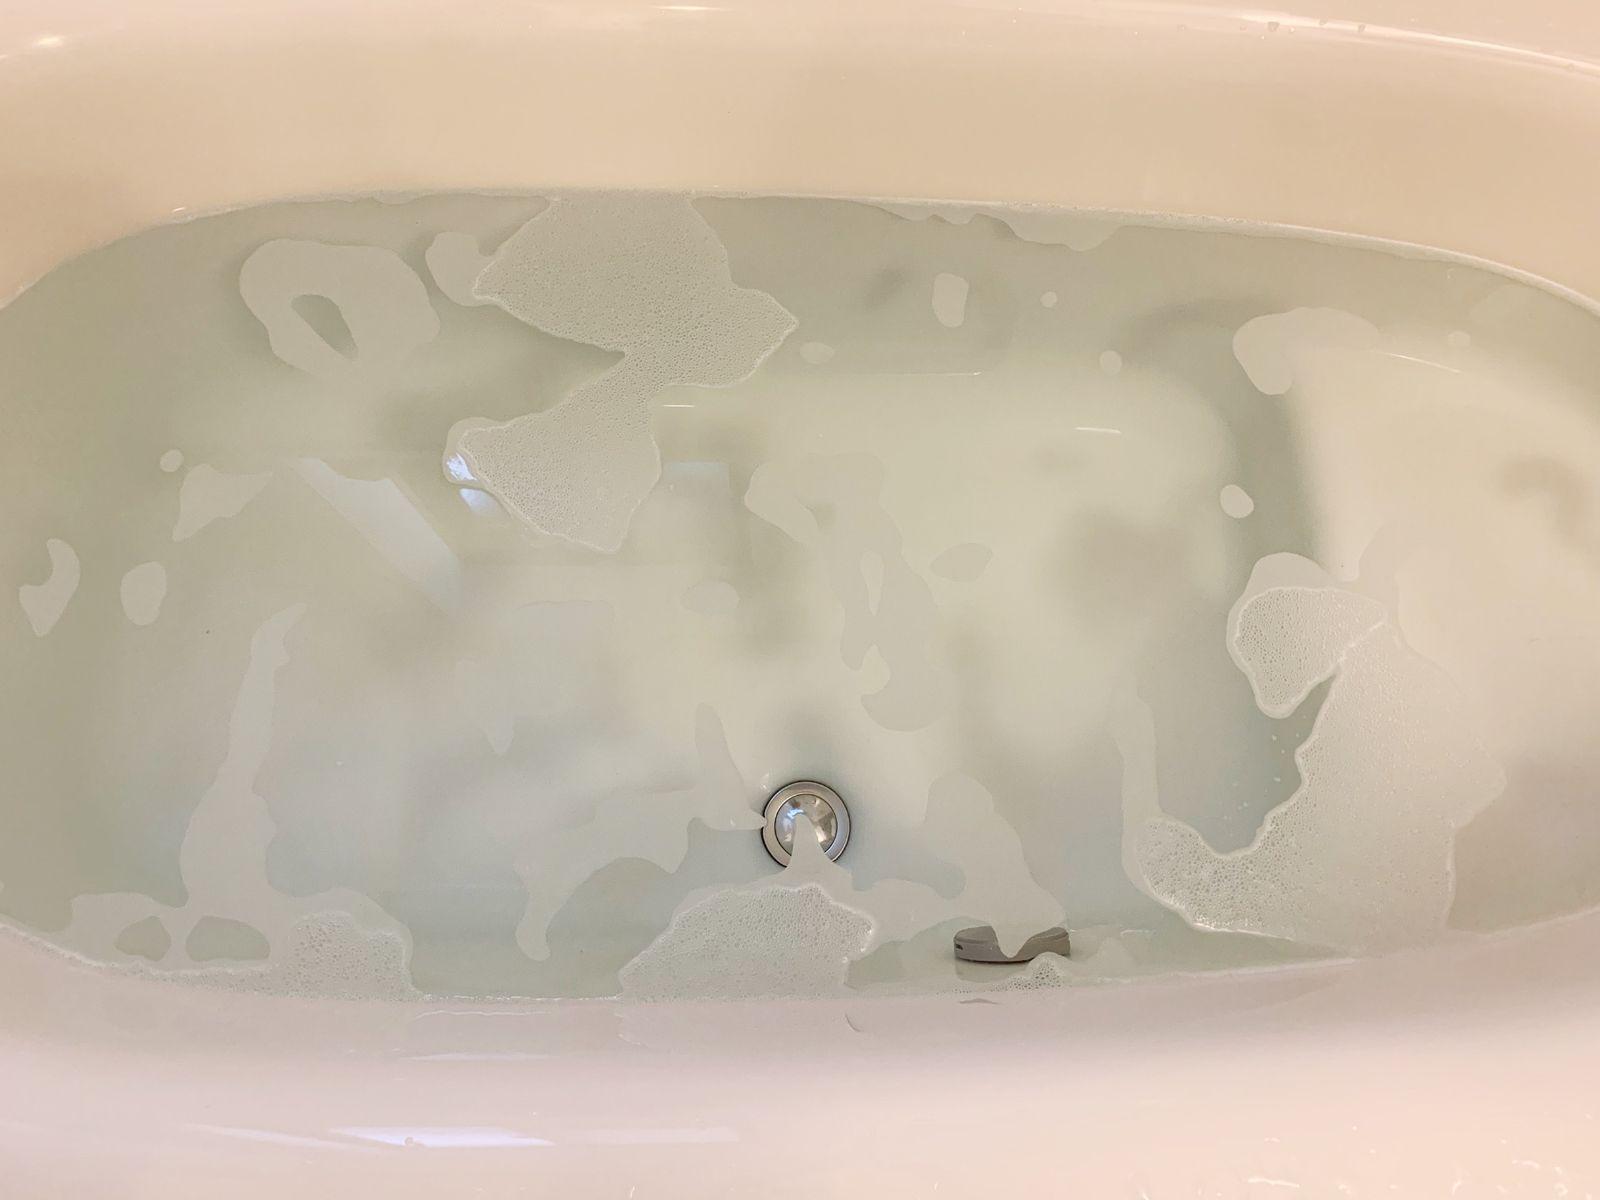 オキシクリーンでお風呂を丸ごと掃除 オキシ漬けして放置するだけ